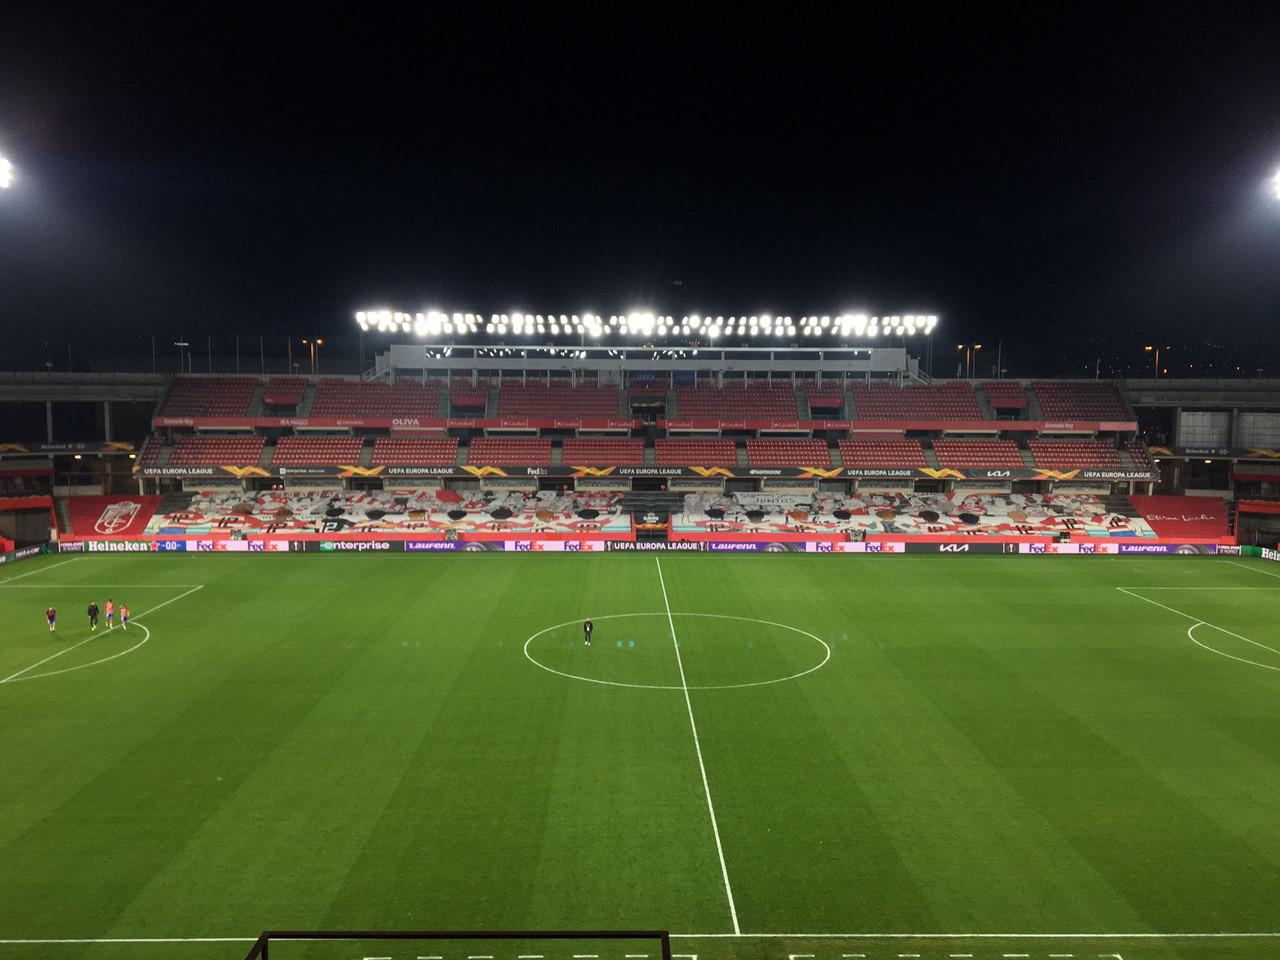 El Granada CF - Manchester United se jugará en Los Cármenes